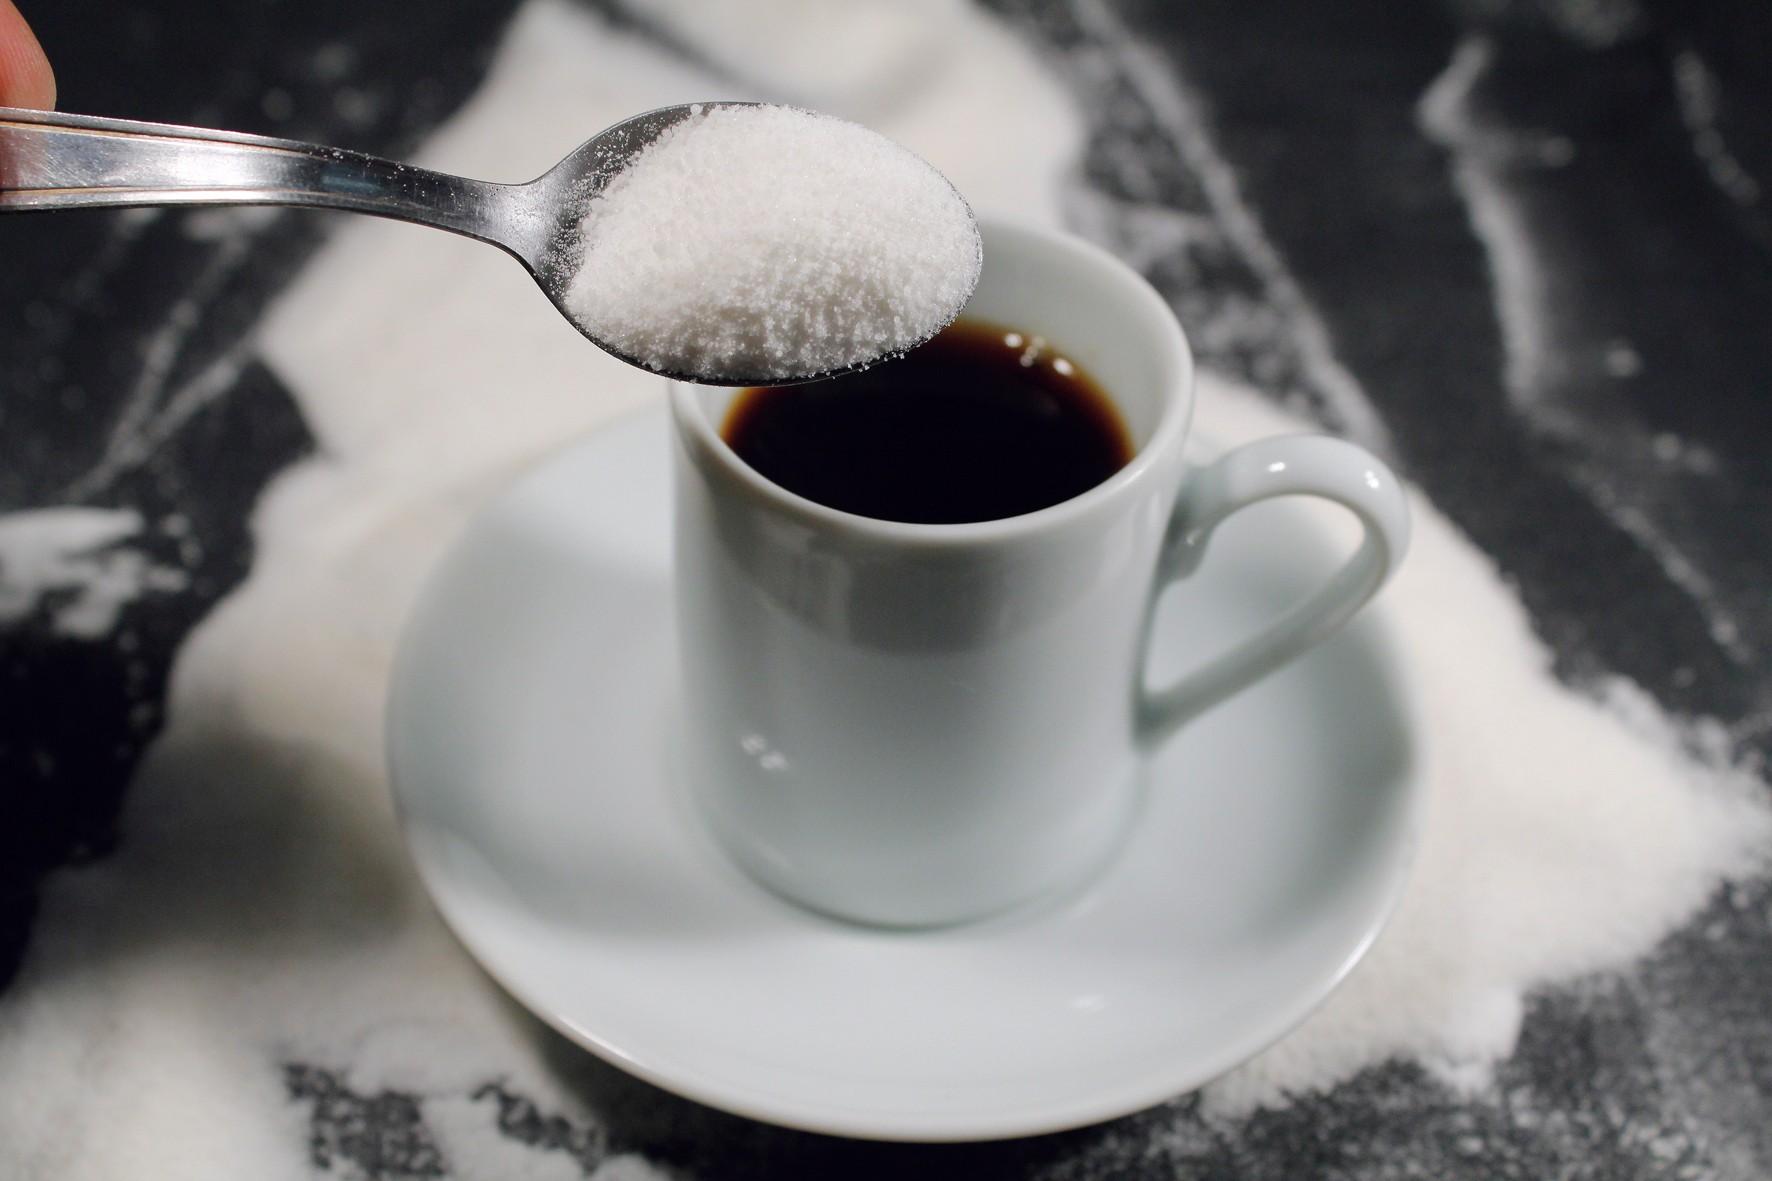 cafe engorda com açucar